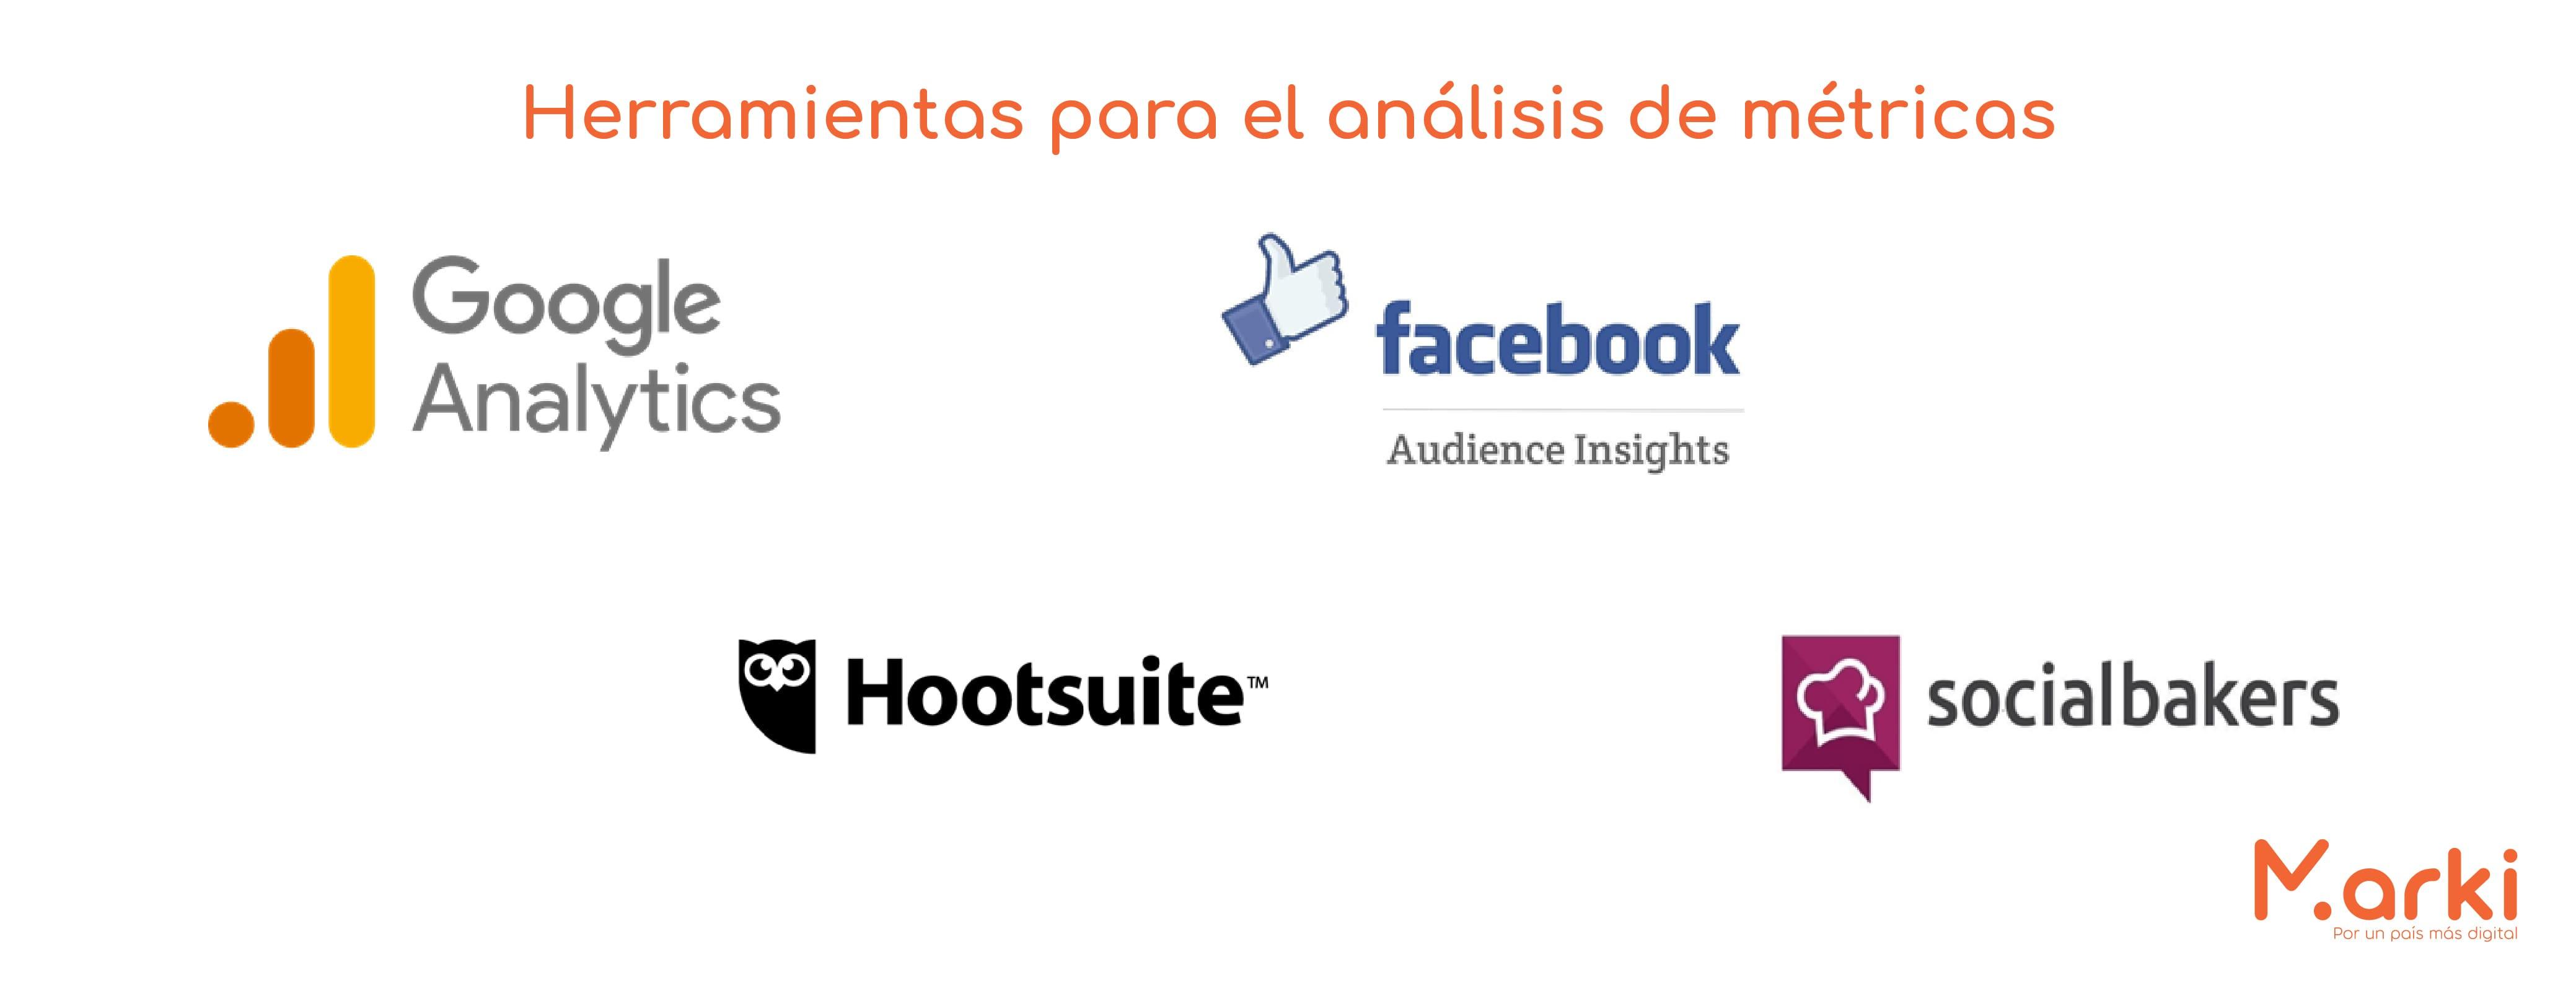 herramientas para análisis de métricas analítica de redes sociales metricas de redes sociales gestor de redes sociales gratis herramientas para redes sociales gratuitas habilidades digitales asesorías de marketing digital Desarrollo de habilidades digitales voluntarios universitarios voluntariado peru Voluntariado online capacitacion de marketing digital voluntariado marki